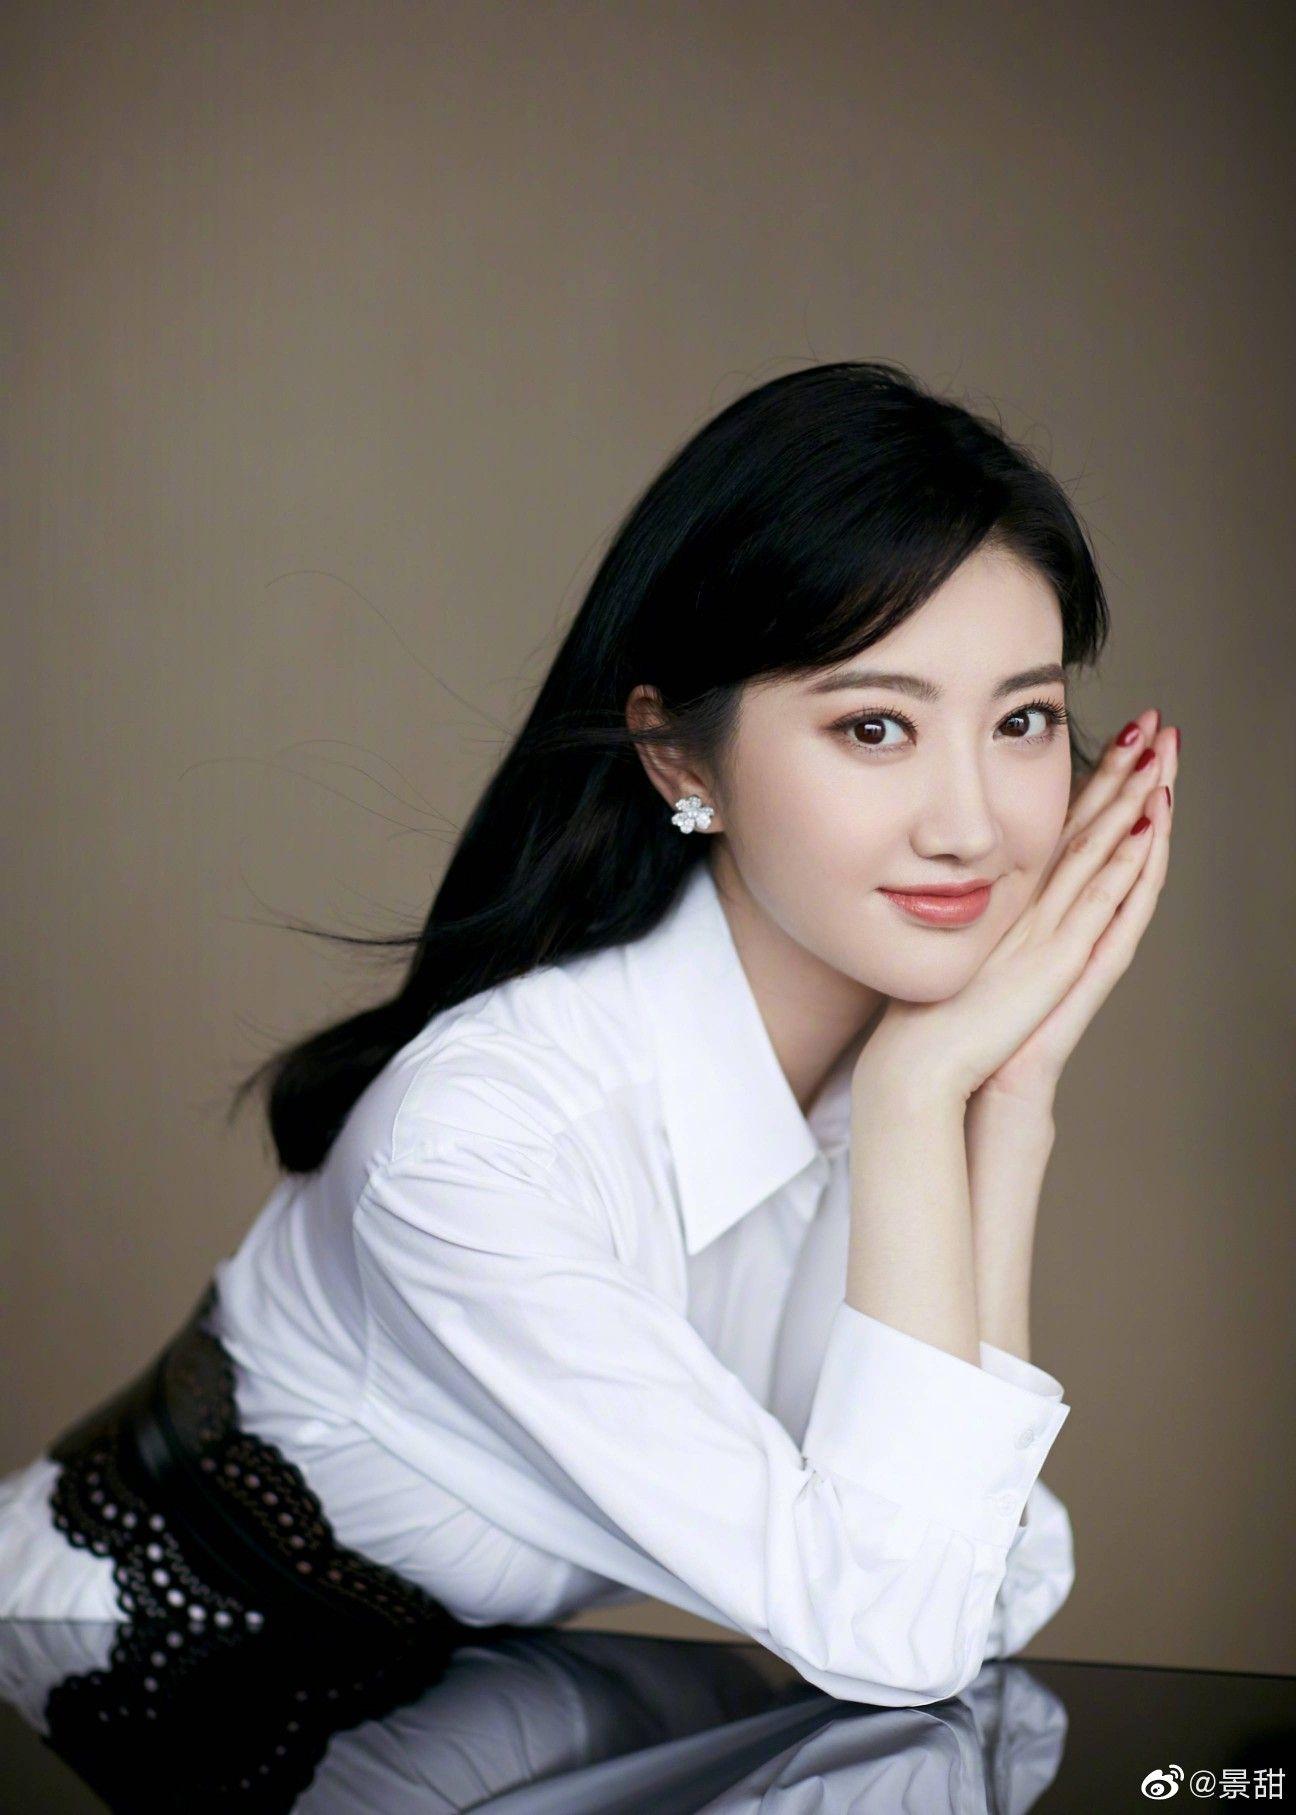 Pin oleh Sk k2528 di Jing Tian(จิ่งเถียน) Wajah, Wanita